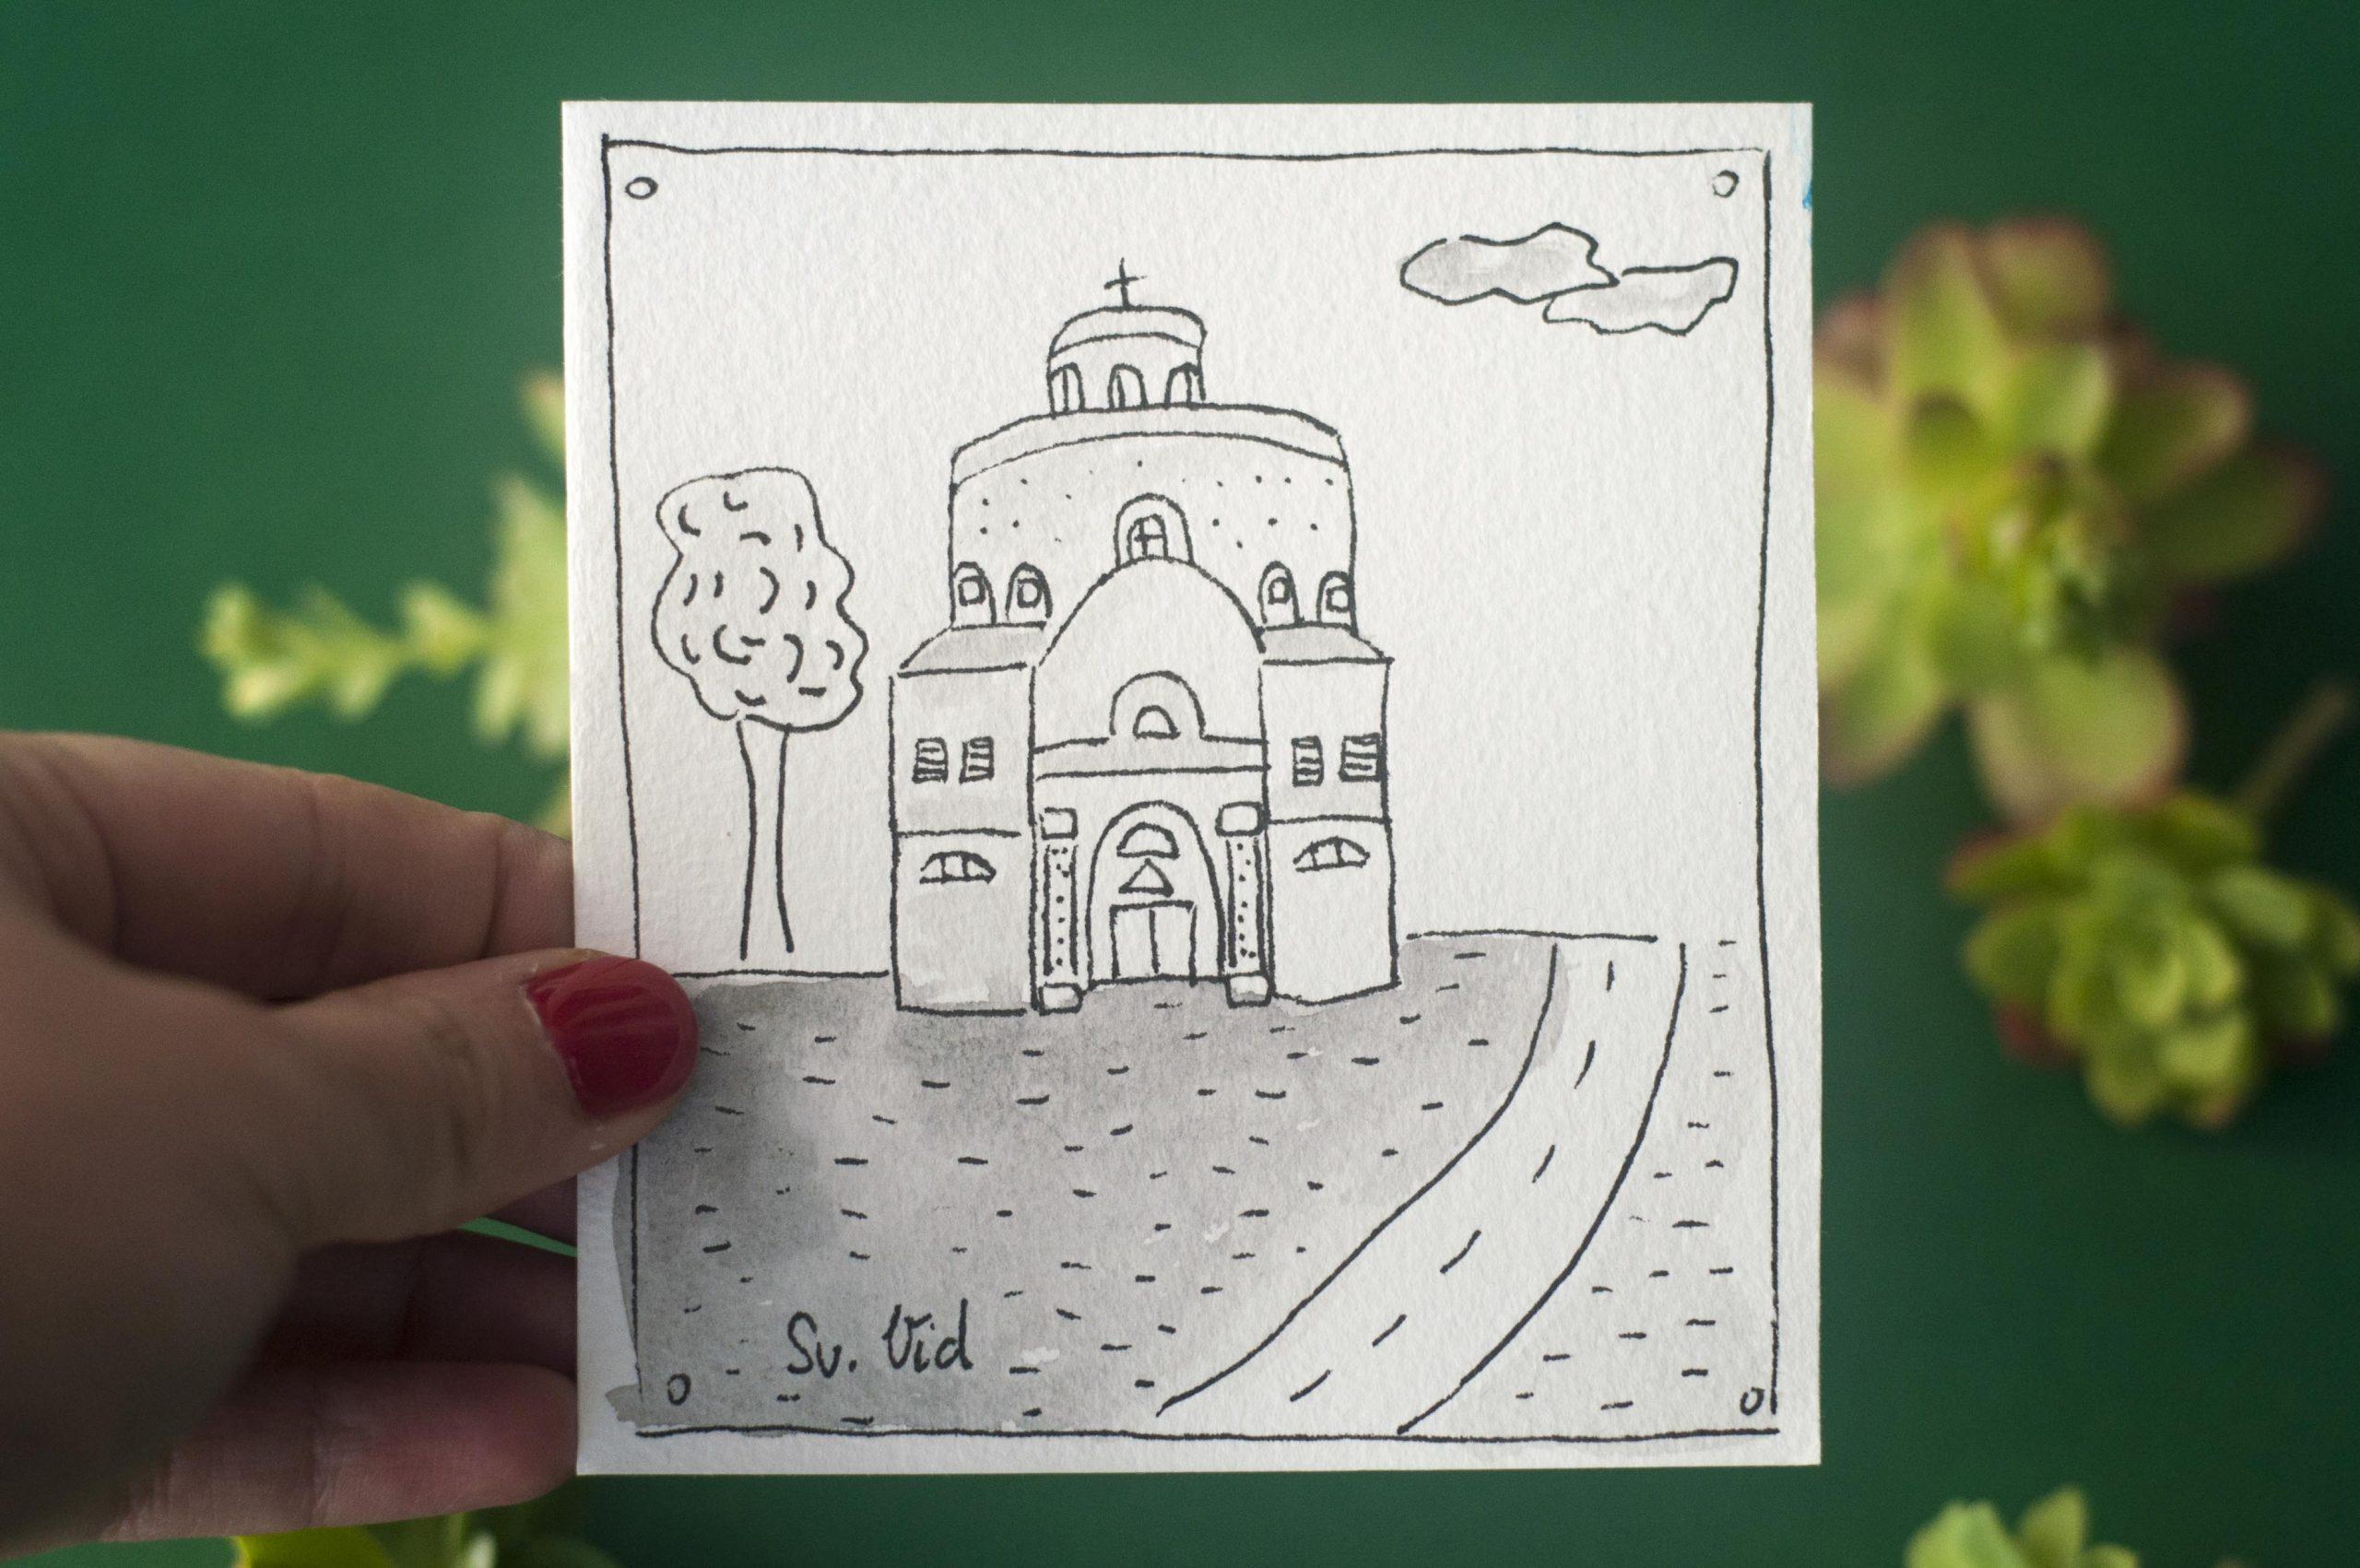 Iz kreativne radionice Nisa design stigle su riječke ilustracije!